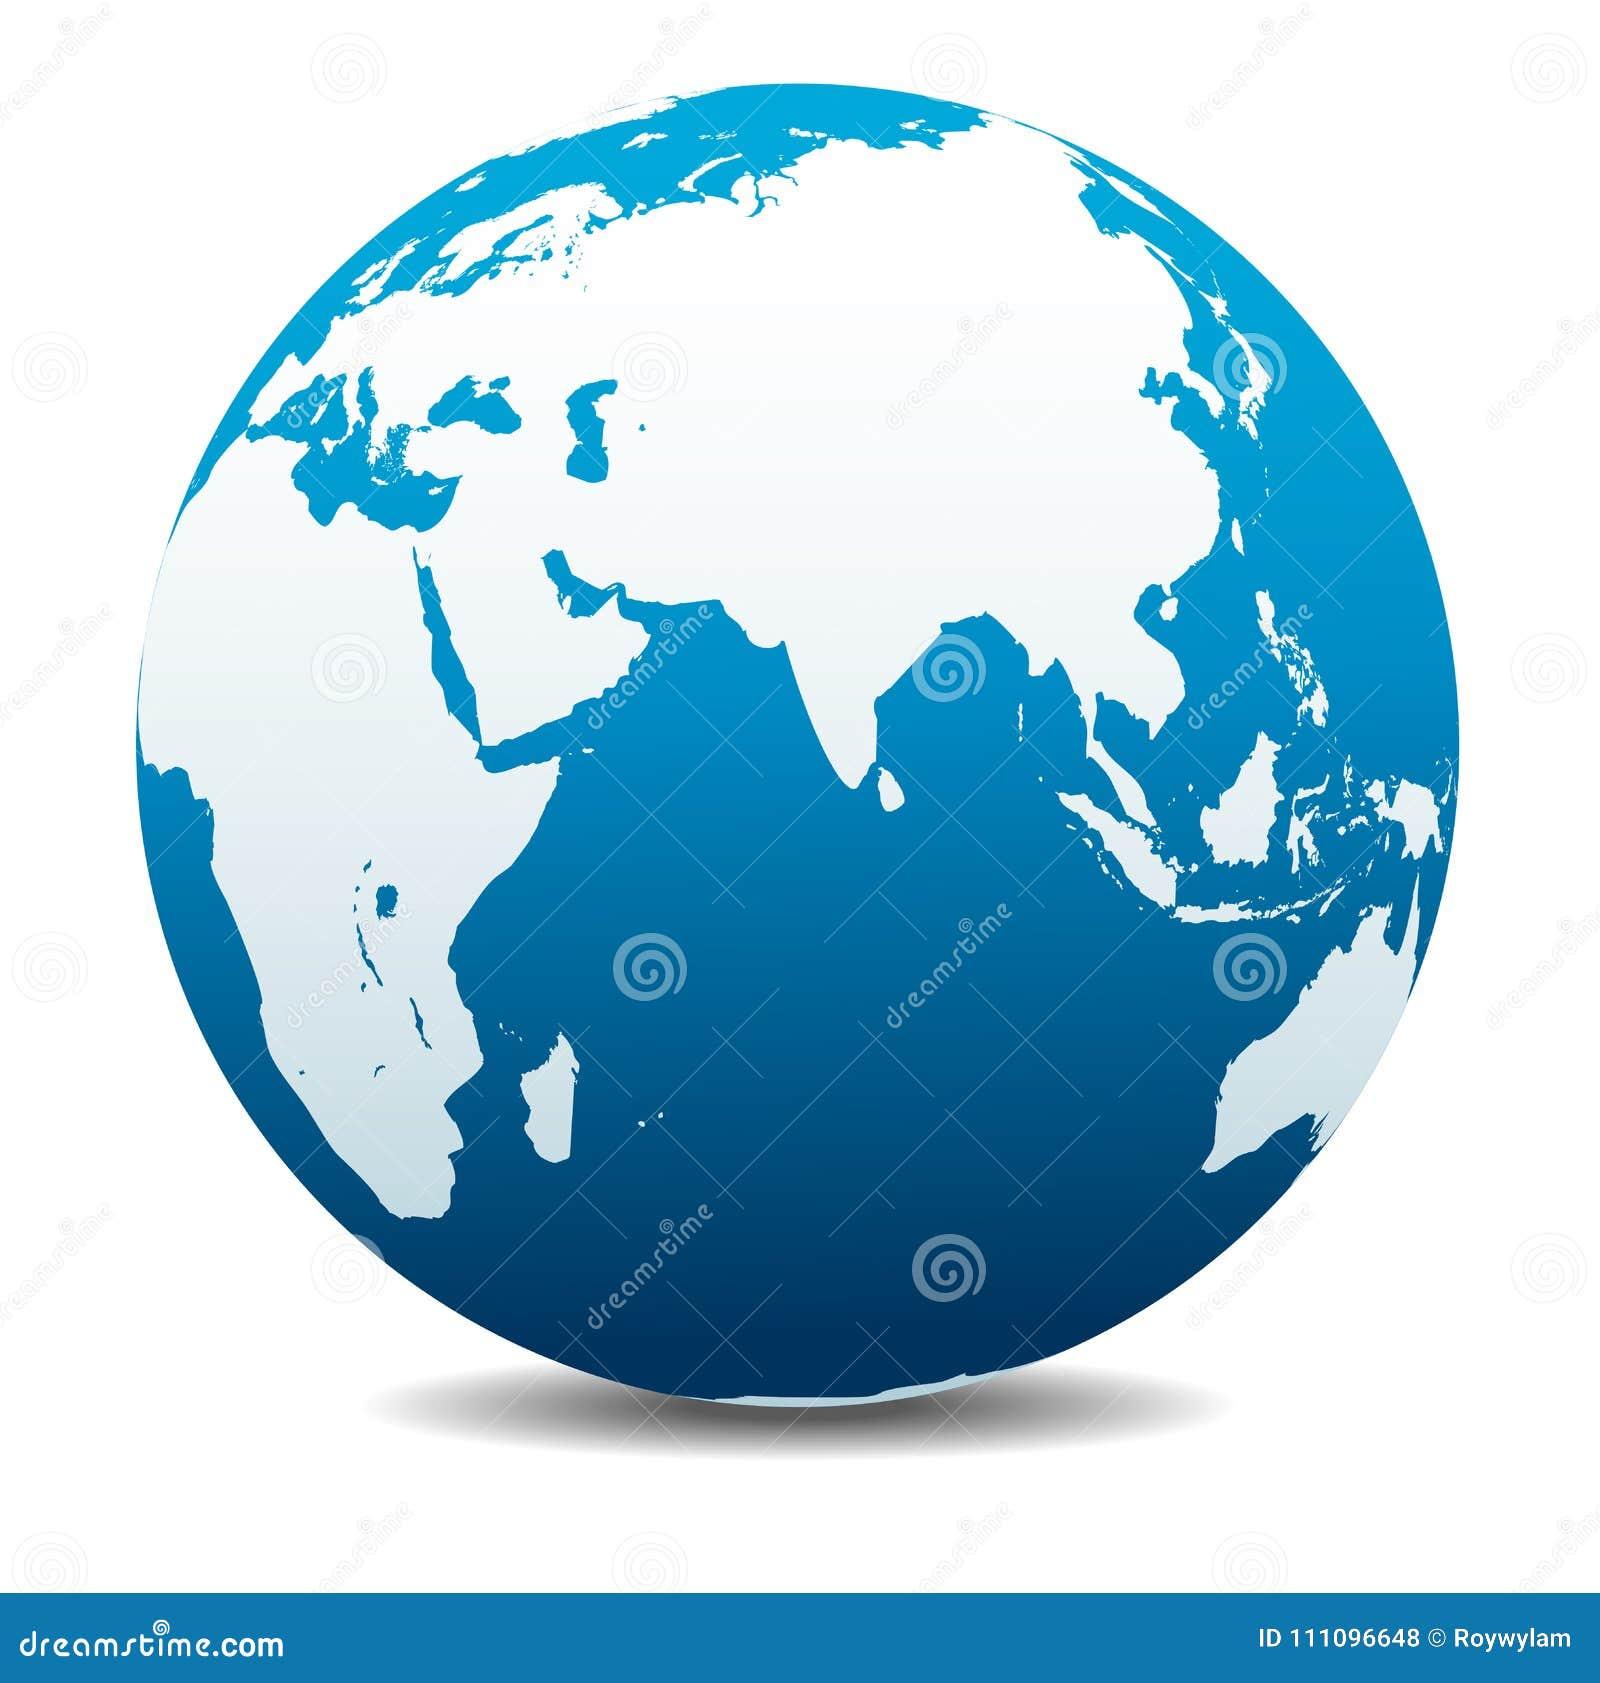 印度,非洲,中国,印度洋,全球性世界行星地球象